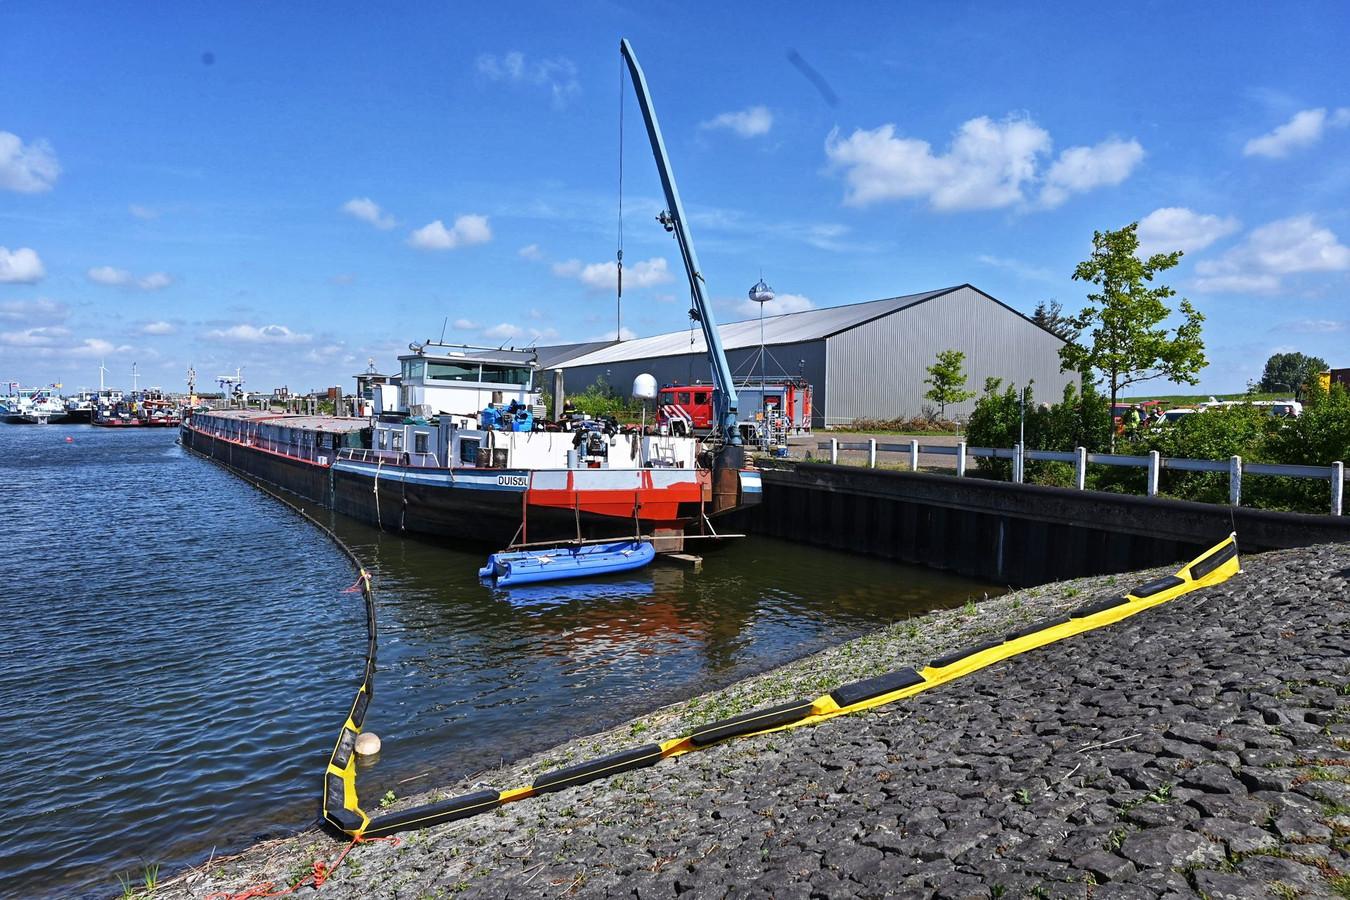 Het drugsschip in de haven van het dorp Moerdijk.